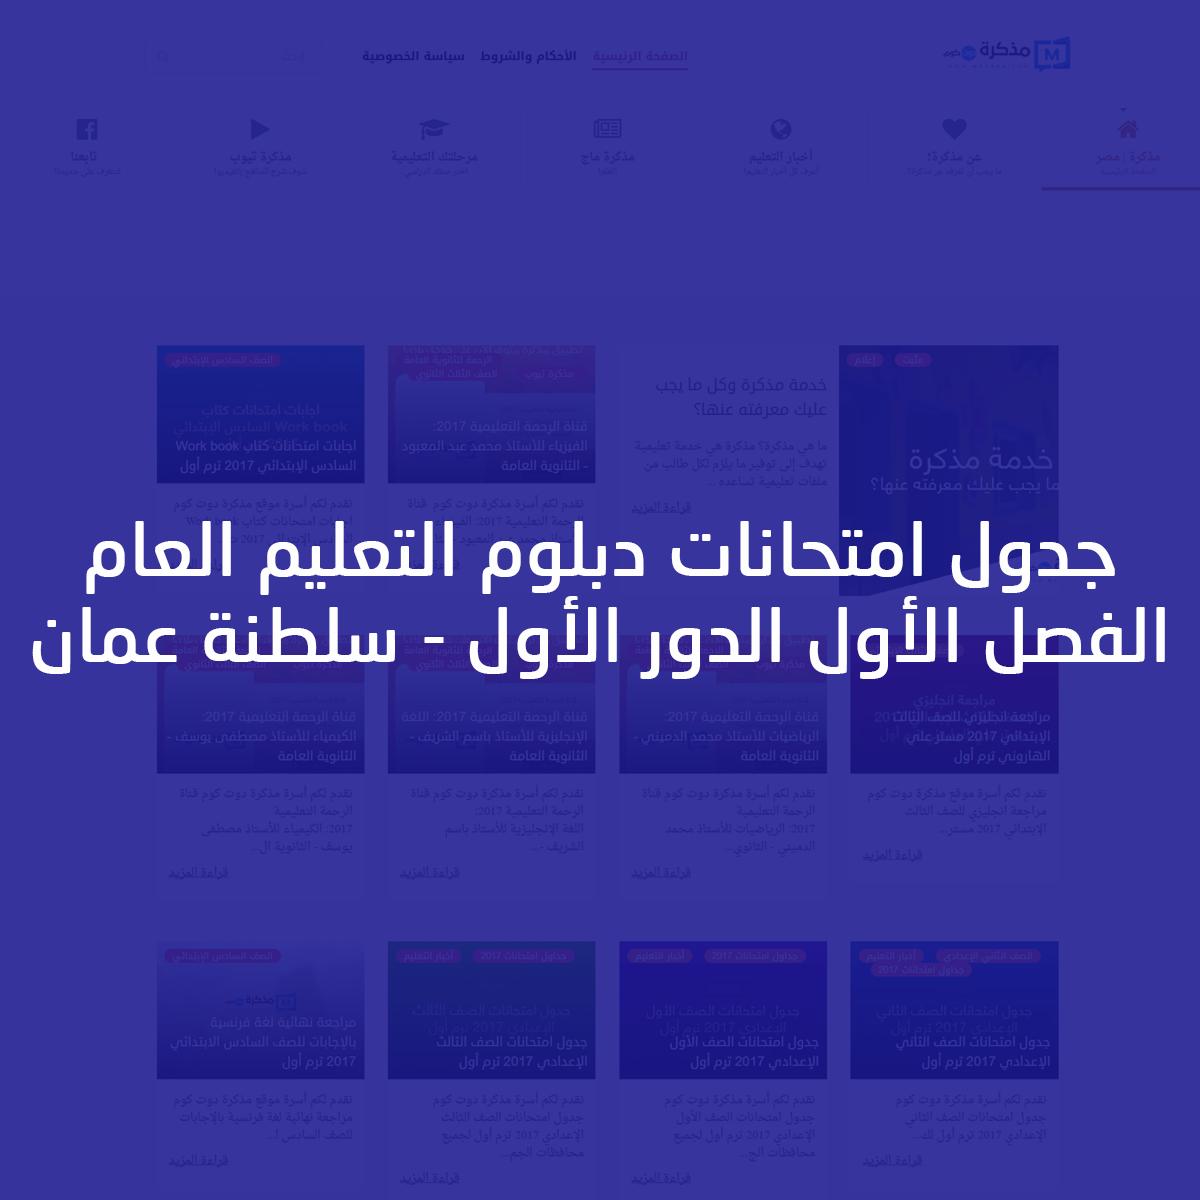 جدول امتحانات دبلوم التعليم العام الفصل الأول الدور الأول - سلطنة عمان